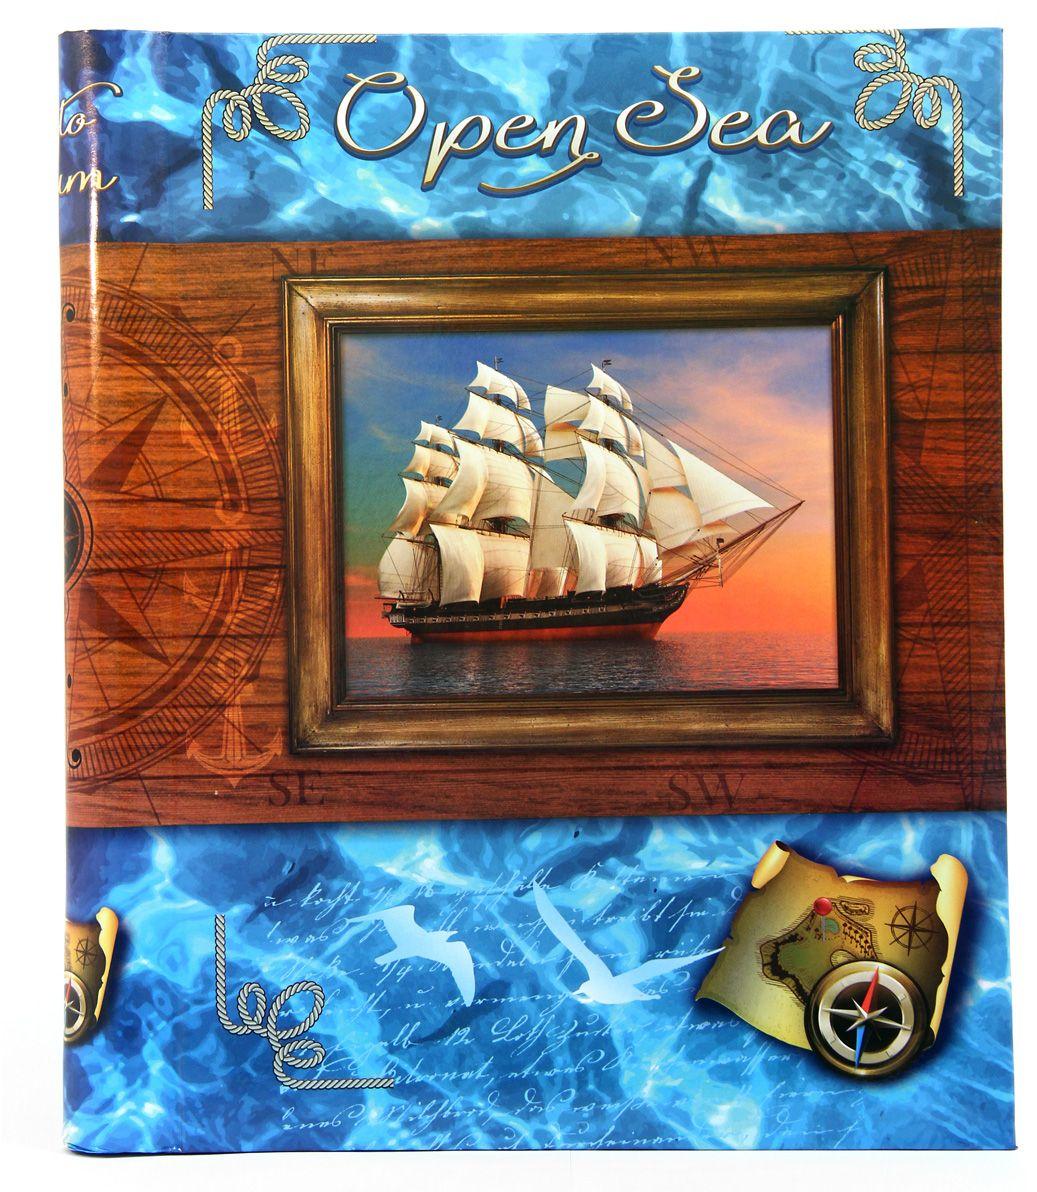 Фотоальбом Pioneer Open Sea, цвет: коричневый, голубой, 20 магнитных листов, 23 х 28 см46397 AP302328SAМатериалы, использованные в изготовлении альбома Pioneer Open Sea, обеспечивают высокое качество хранения ваших фотографий, поэтому фотографии не желтеют со временем. Обложка выполнена из ламинированного картона. Альбом содержит 20 магнитных листов. Тип переплета: спираль.